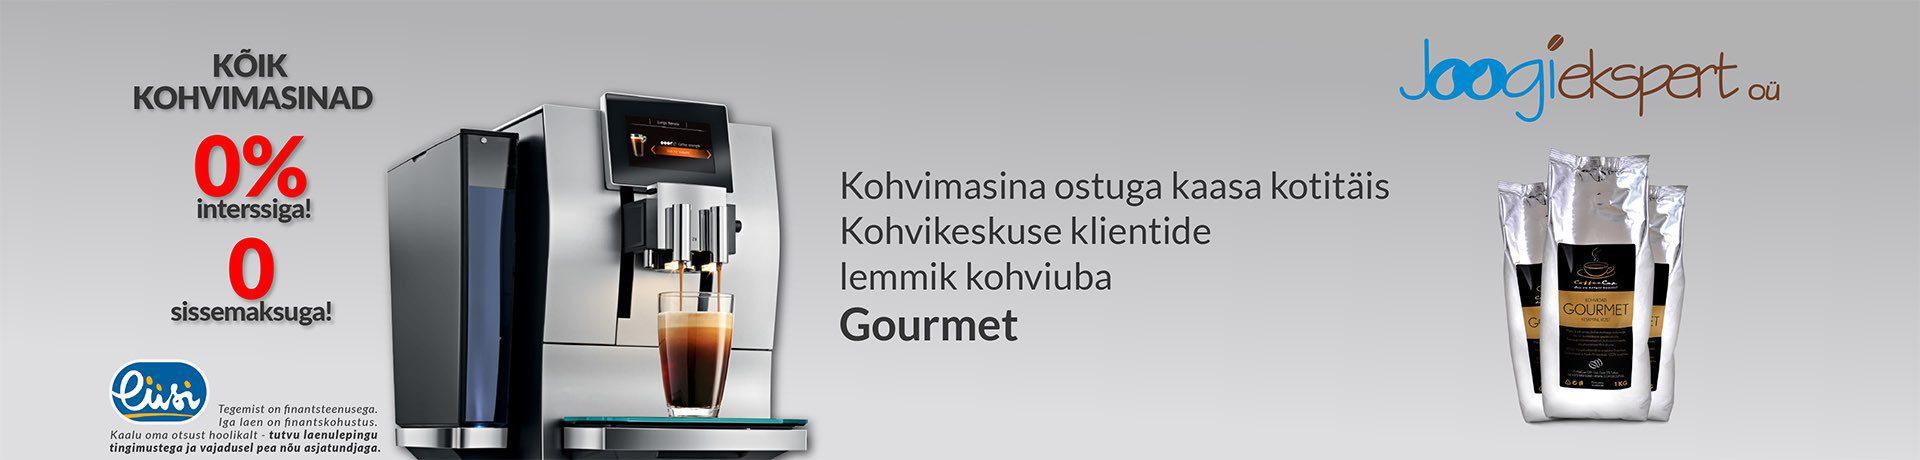 Kotitäis_kohviube_Kohvikeskus+Joogiekspert_bännerid_copy03